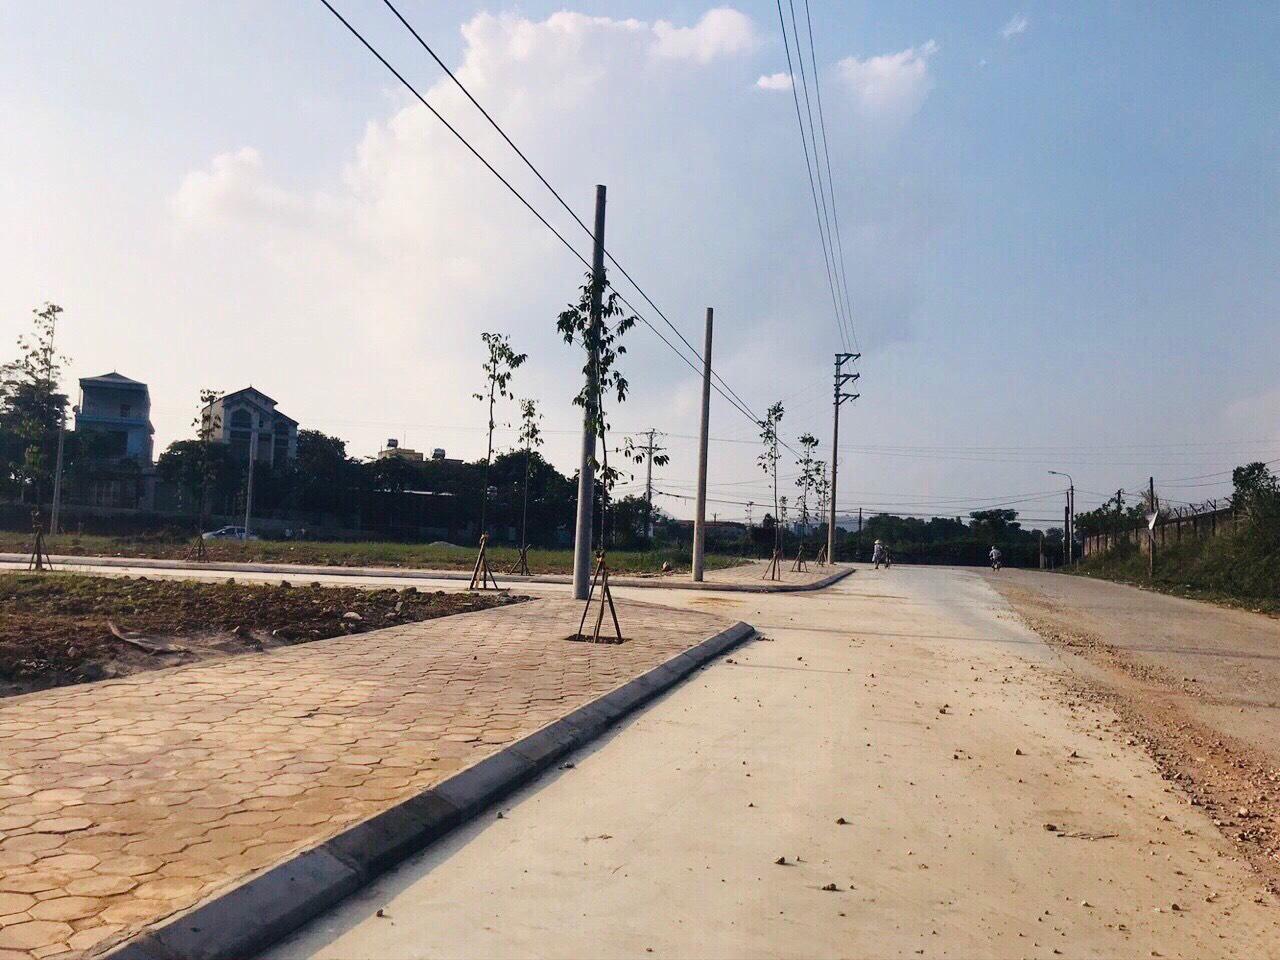 Kế hoạch sử dụng đất xã Thuỷ Xuân Tiên, Chương Mỹ, Hà Nội năm 2021 - Ảnh 1.